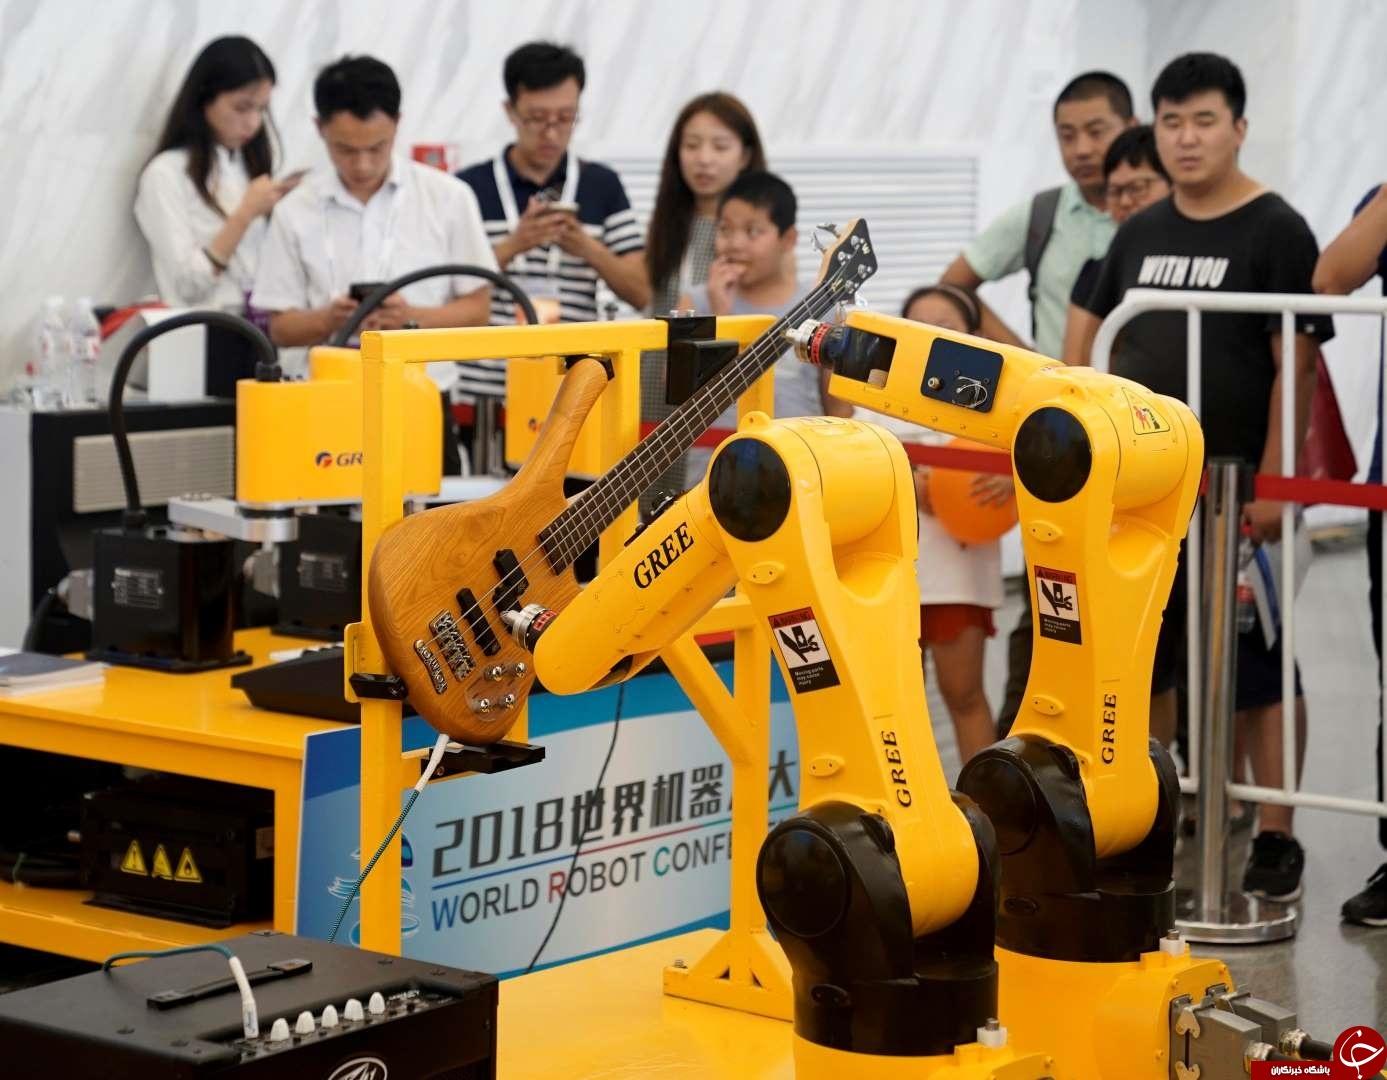 همایش جدیدترین دستاوردهای فناوری در پکن